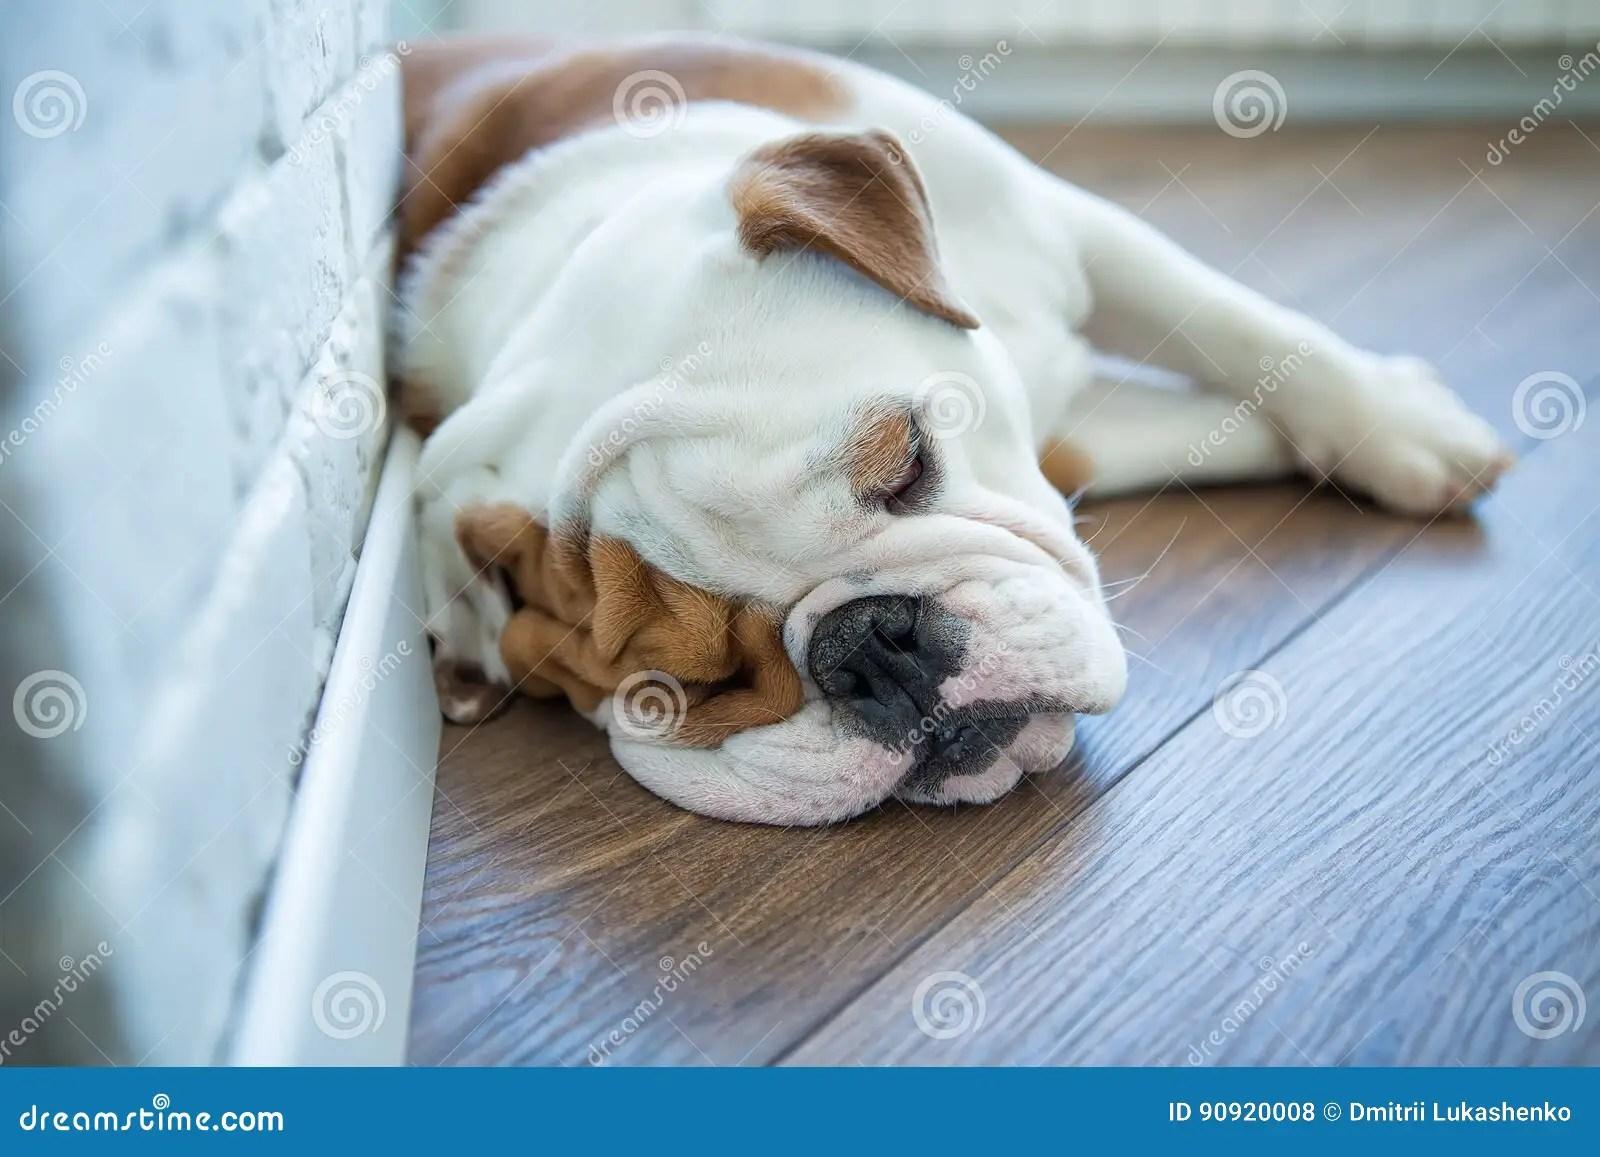 English Bulldog In Stylish Home Enjoying Life Stock Photo - Image of lifestyle. home: 90920008